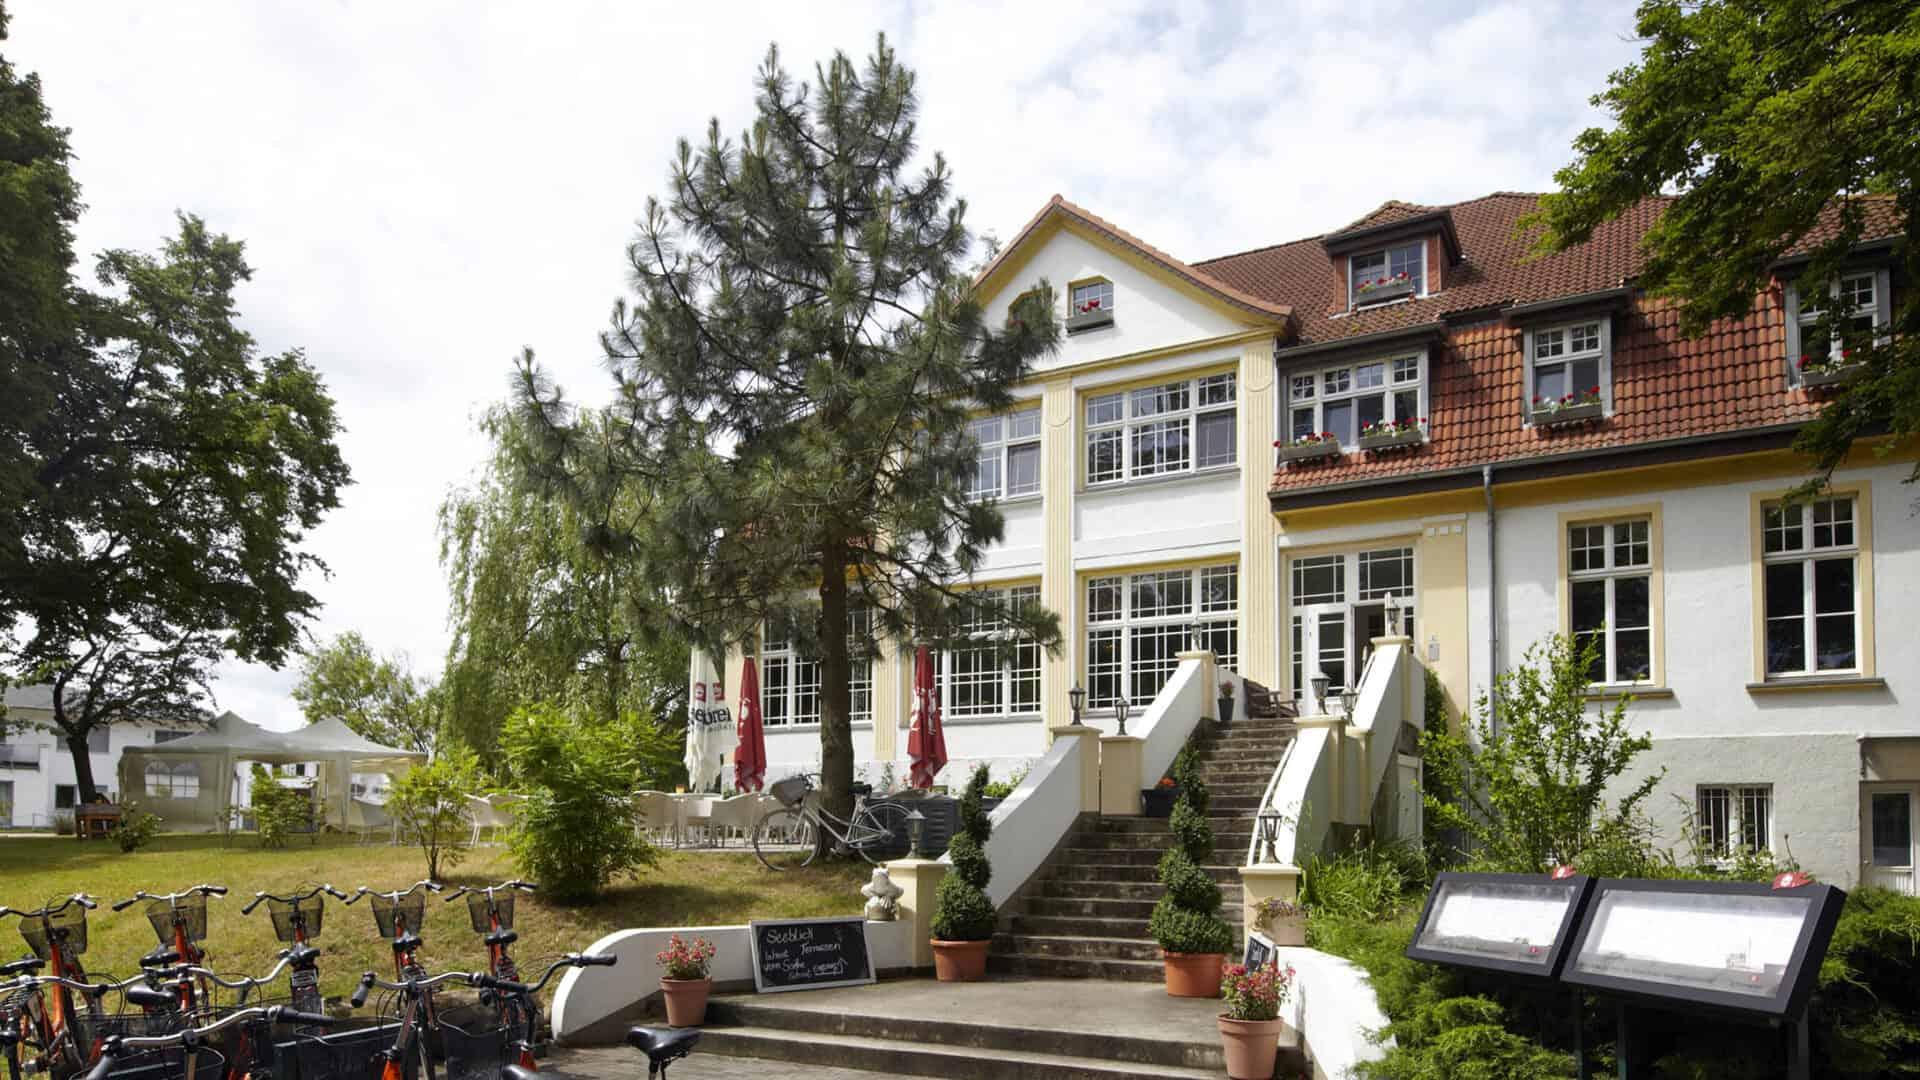 idyll-am-wolgastsee-treppe-mit-fahrradstellplatz